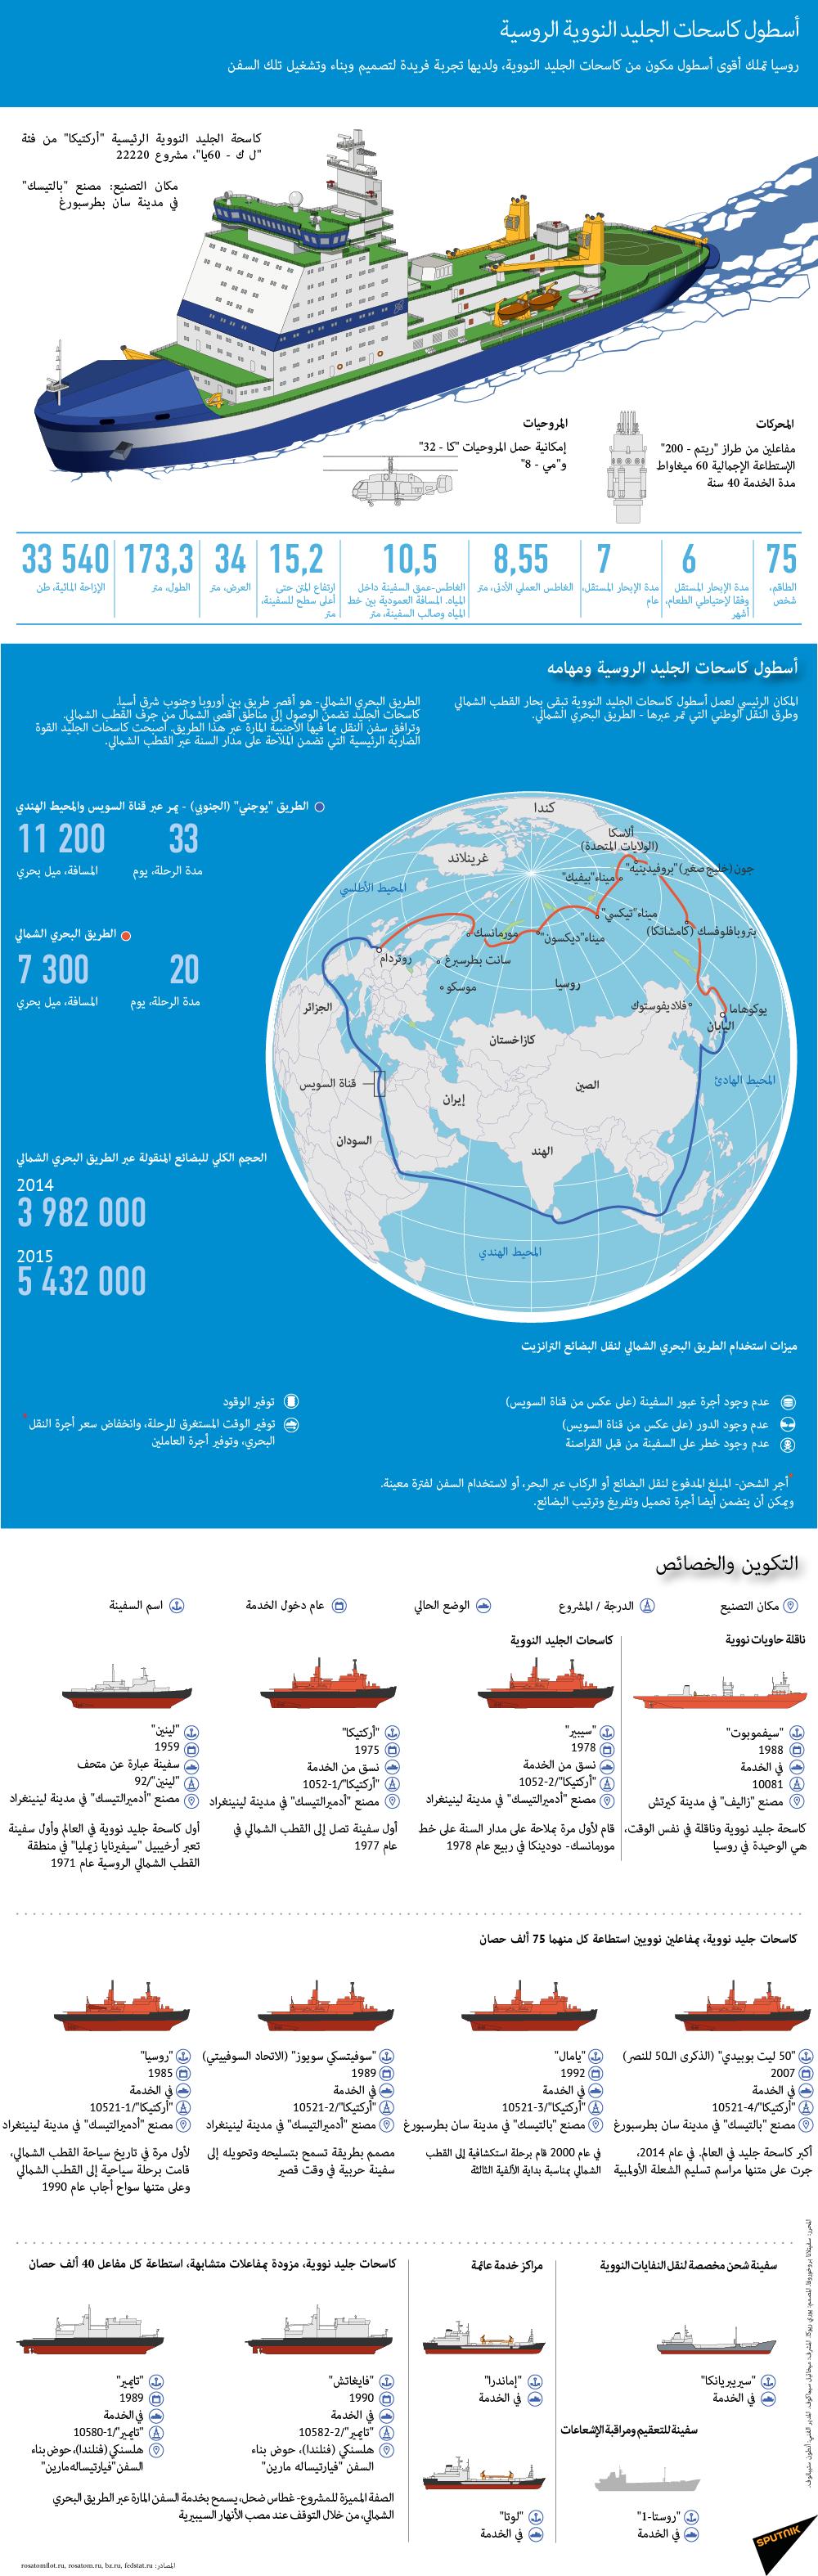 أسطول كاسحات الجليد النووية الروسية